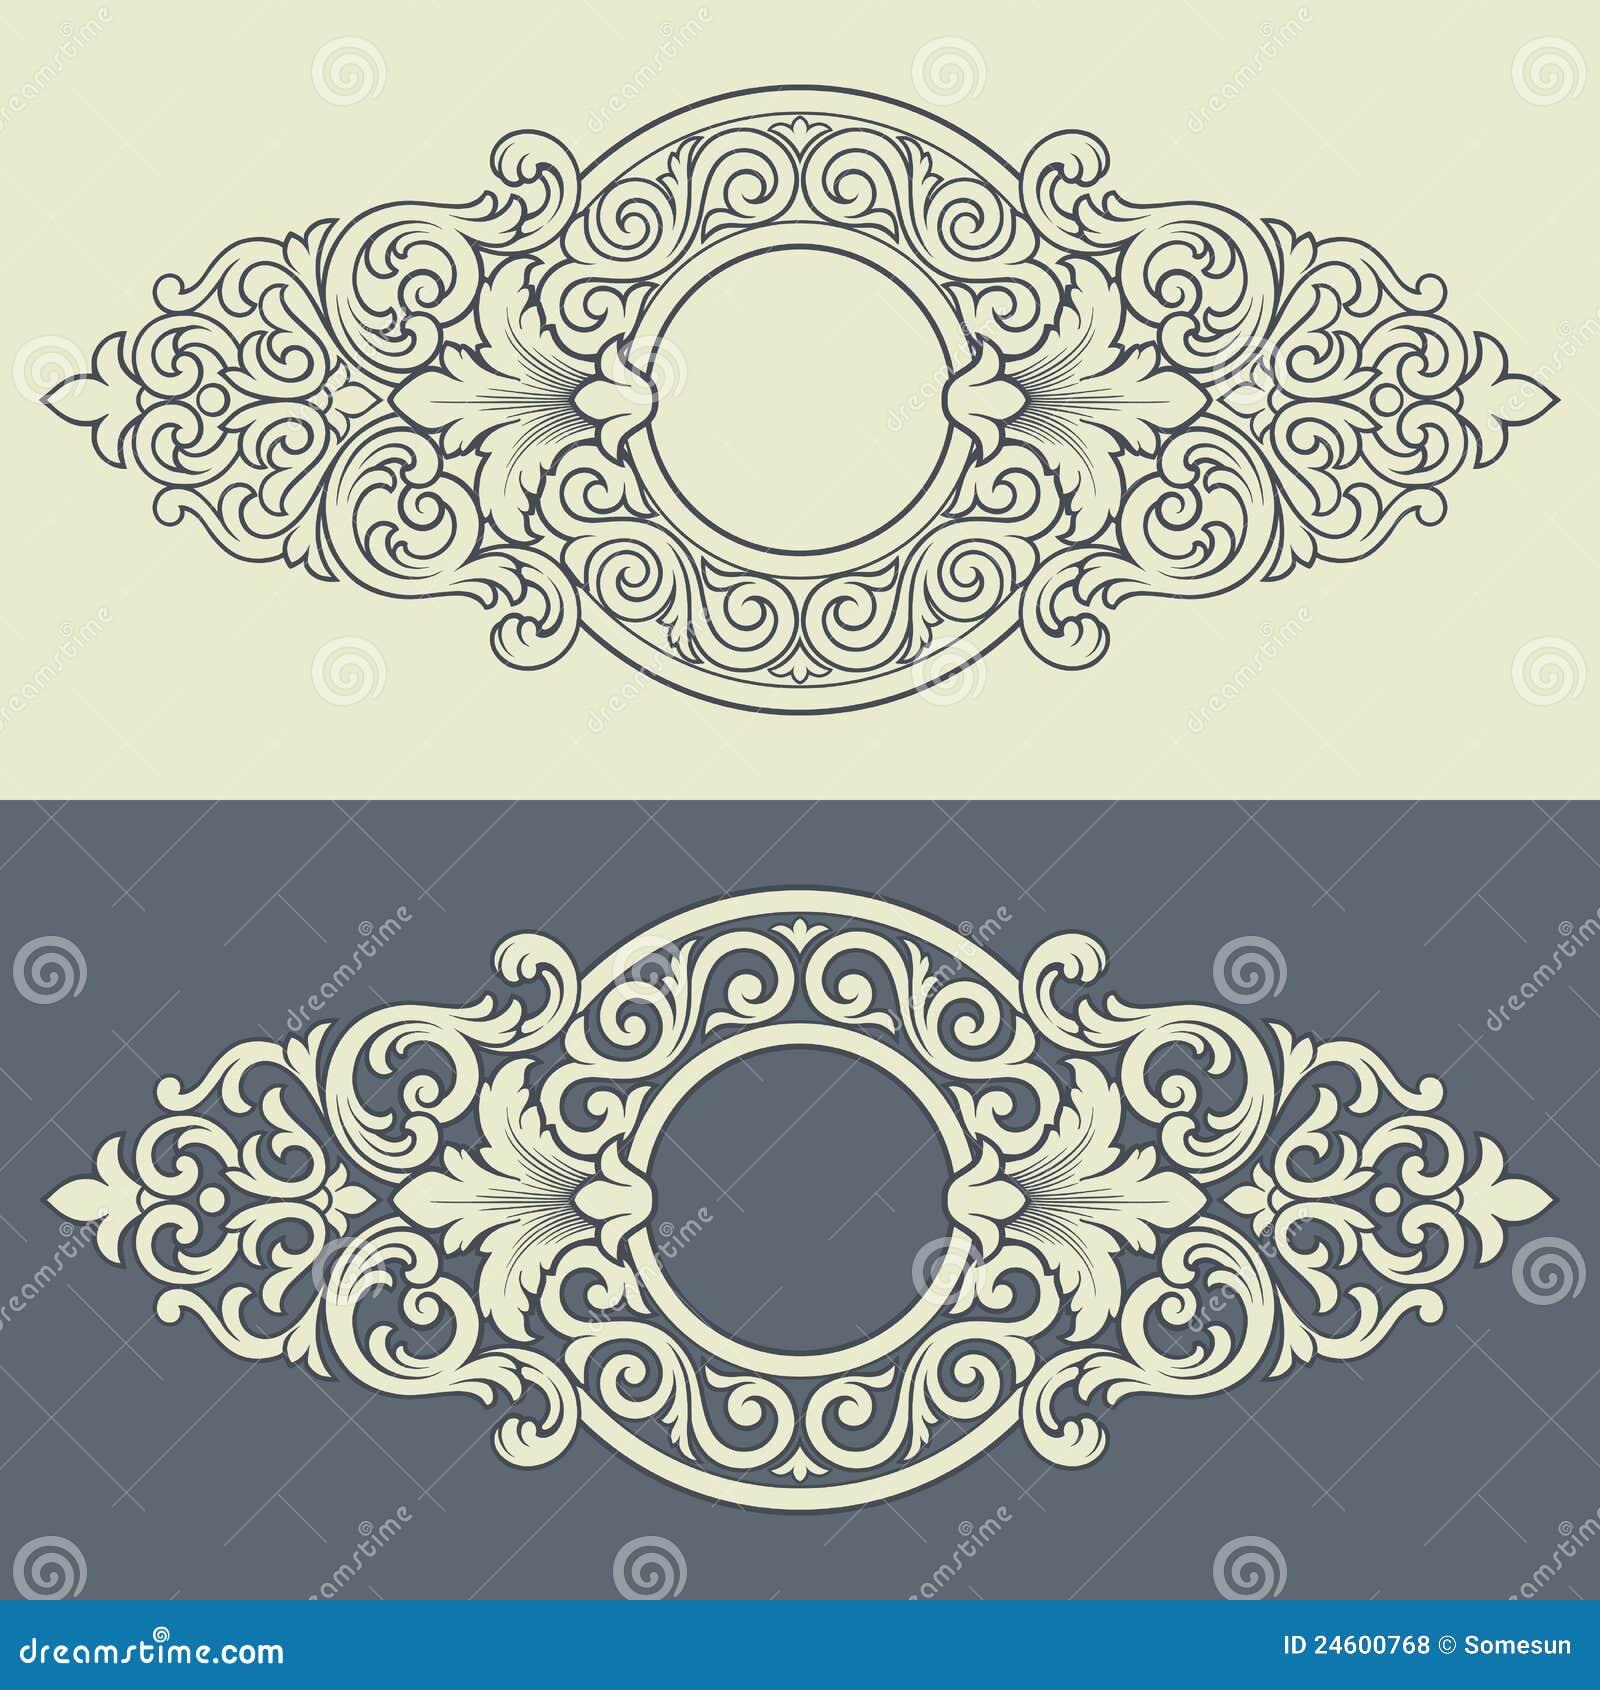 Vector vintage decorative frame pattern design